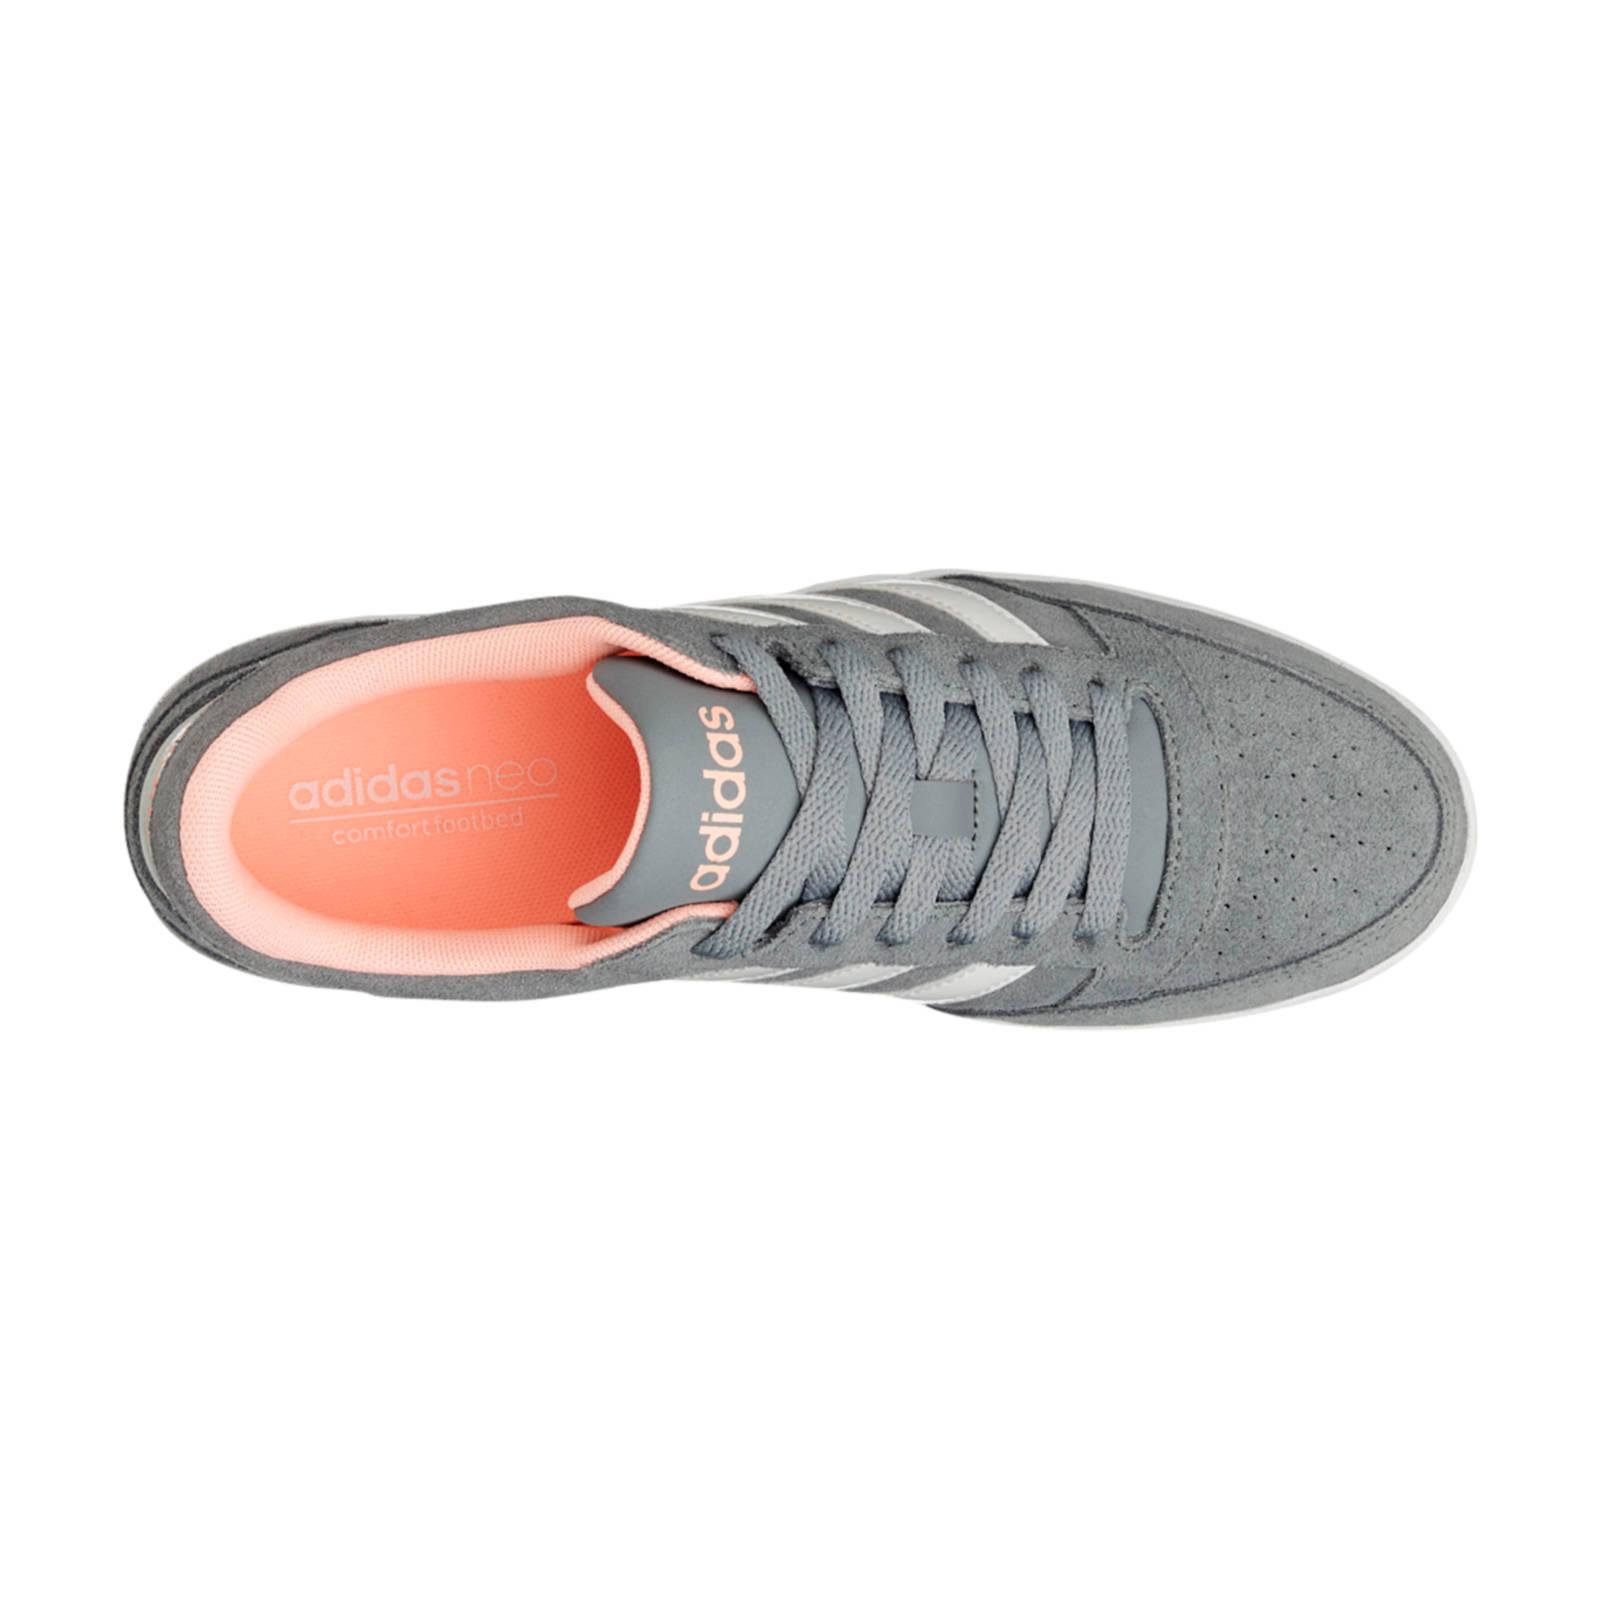 Low Sneakers Vl Grijs Hoops Wehkamp Adidas Suède 76P4xq